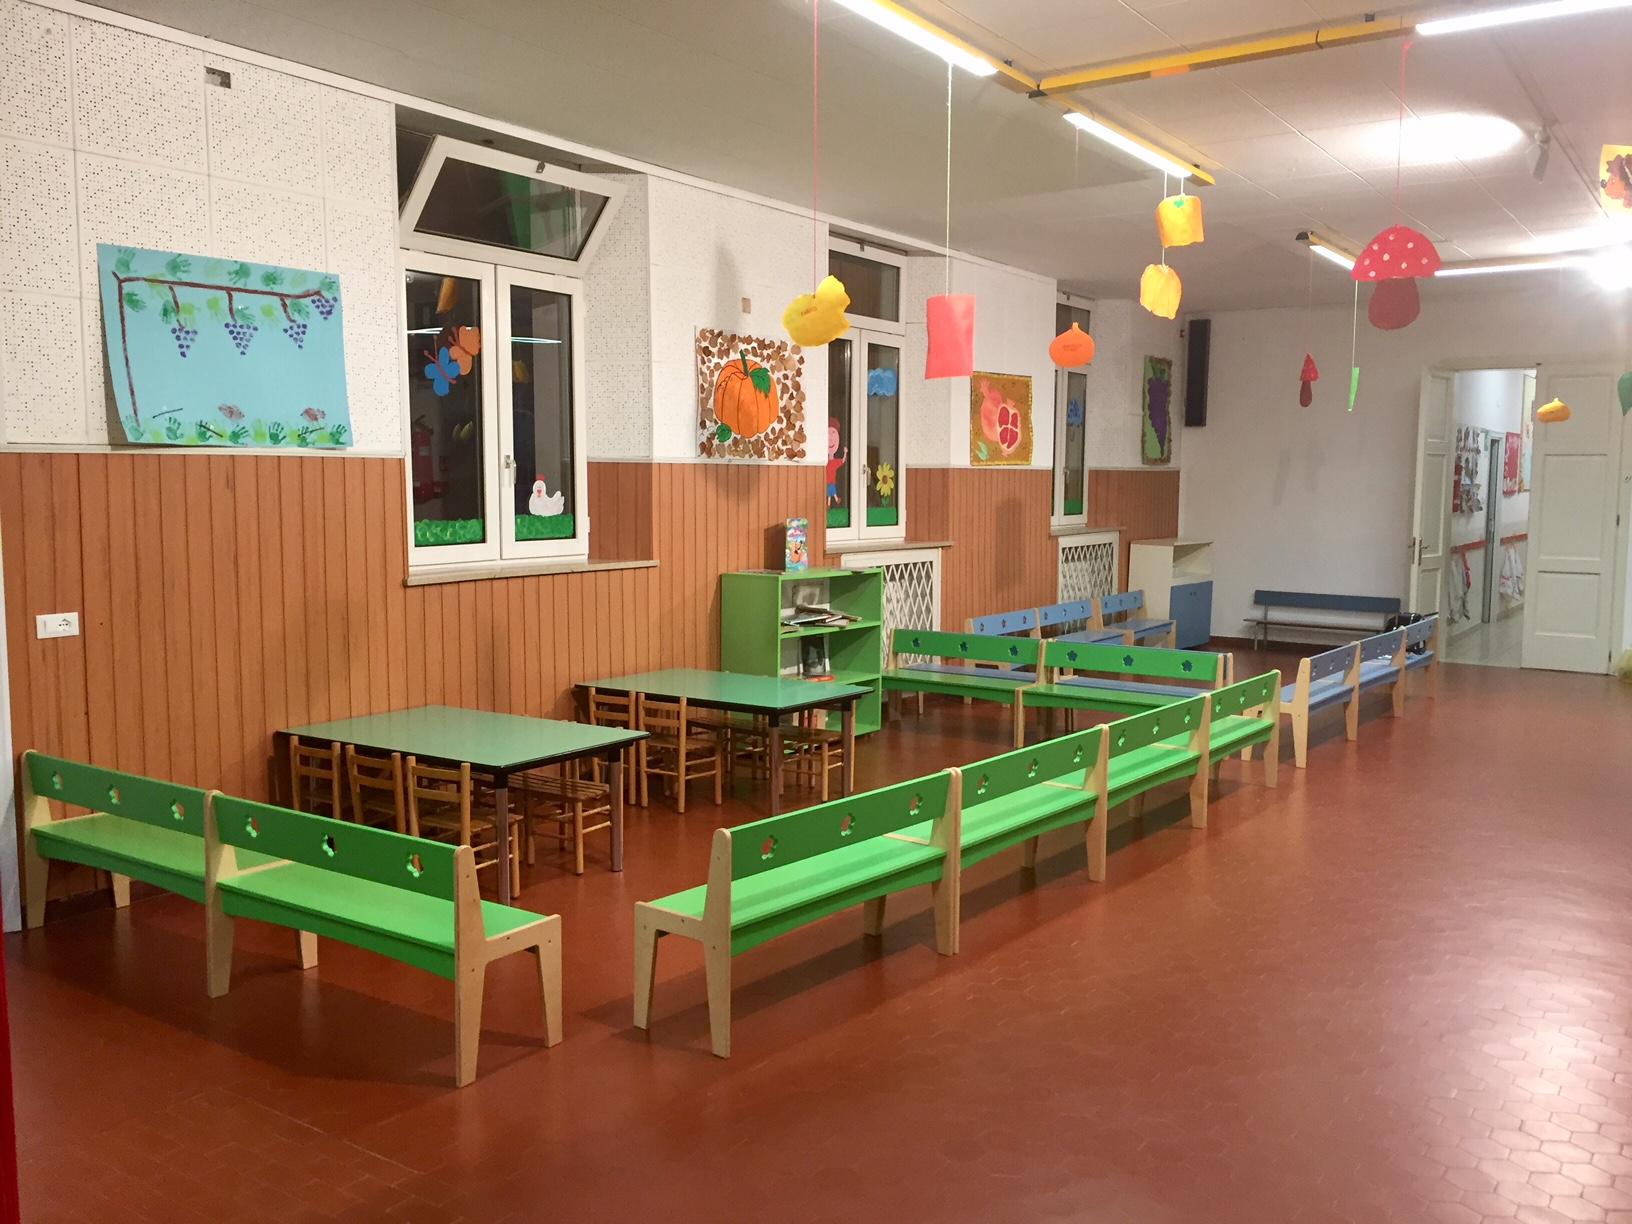 Il salone dei giochi della Scuola dell'Infanzia Prospero Alpino di Marostica